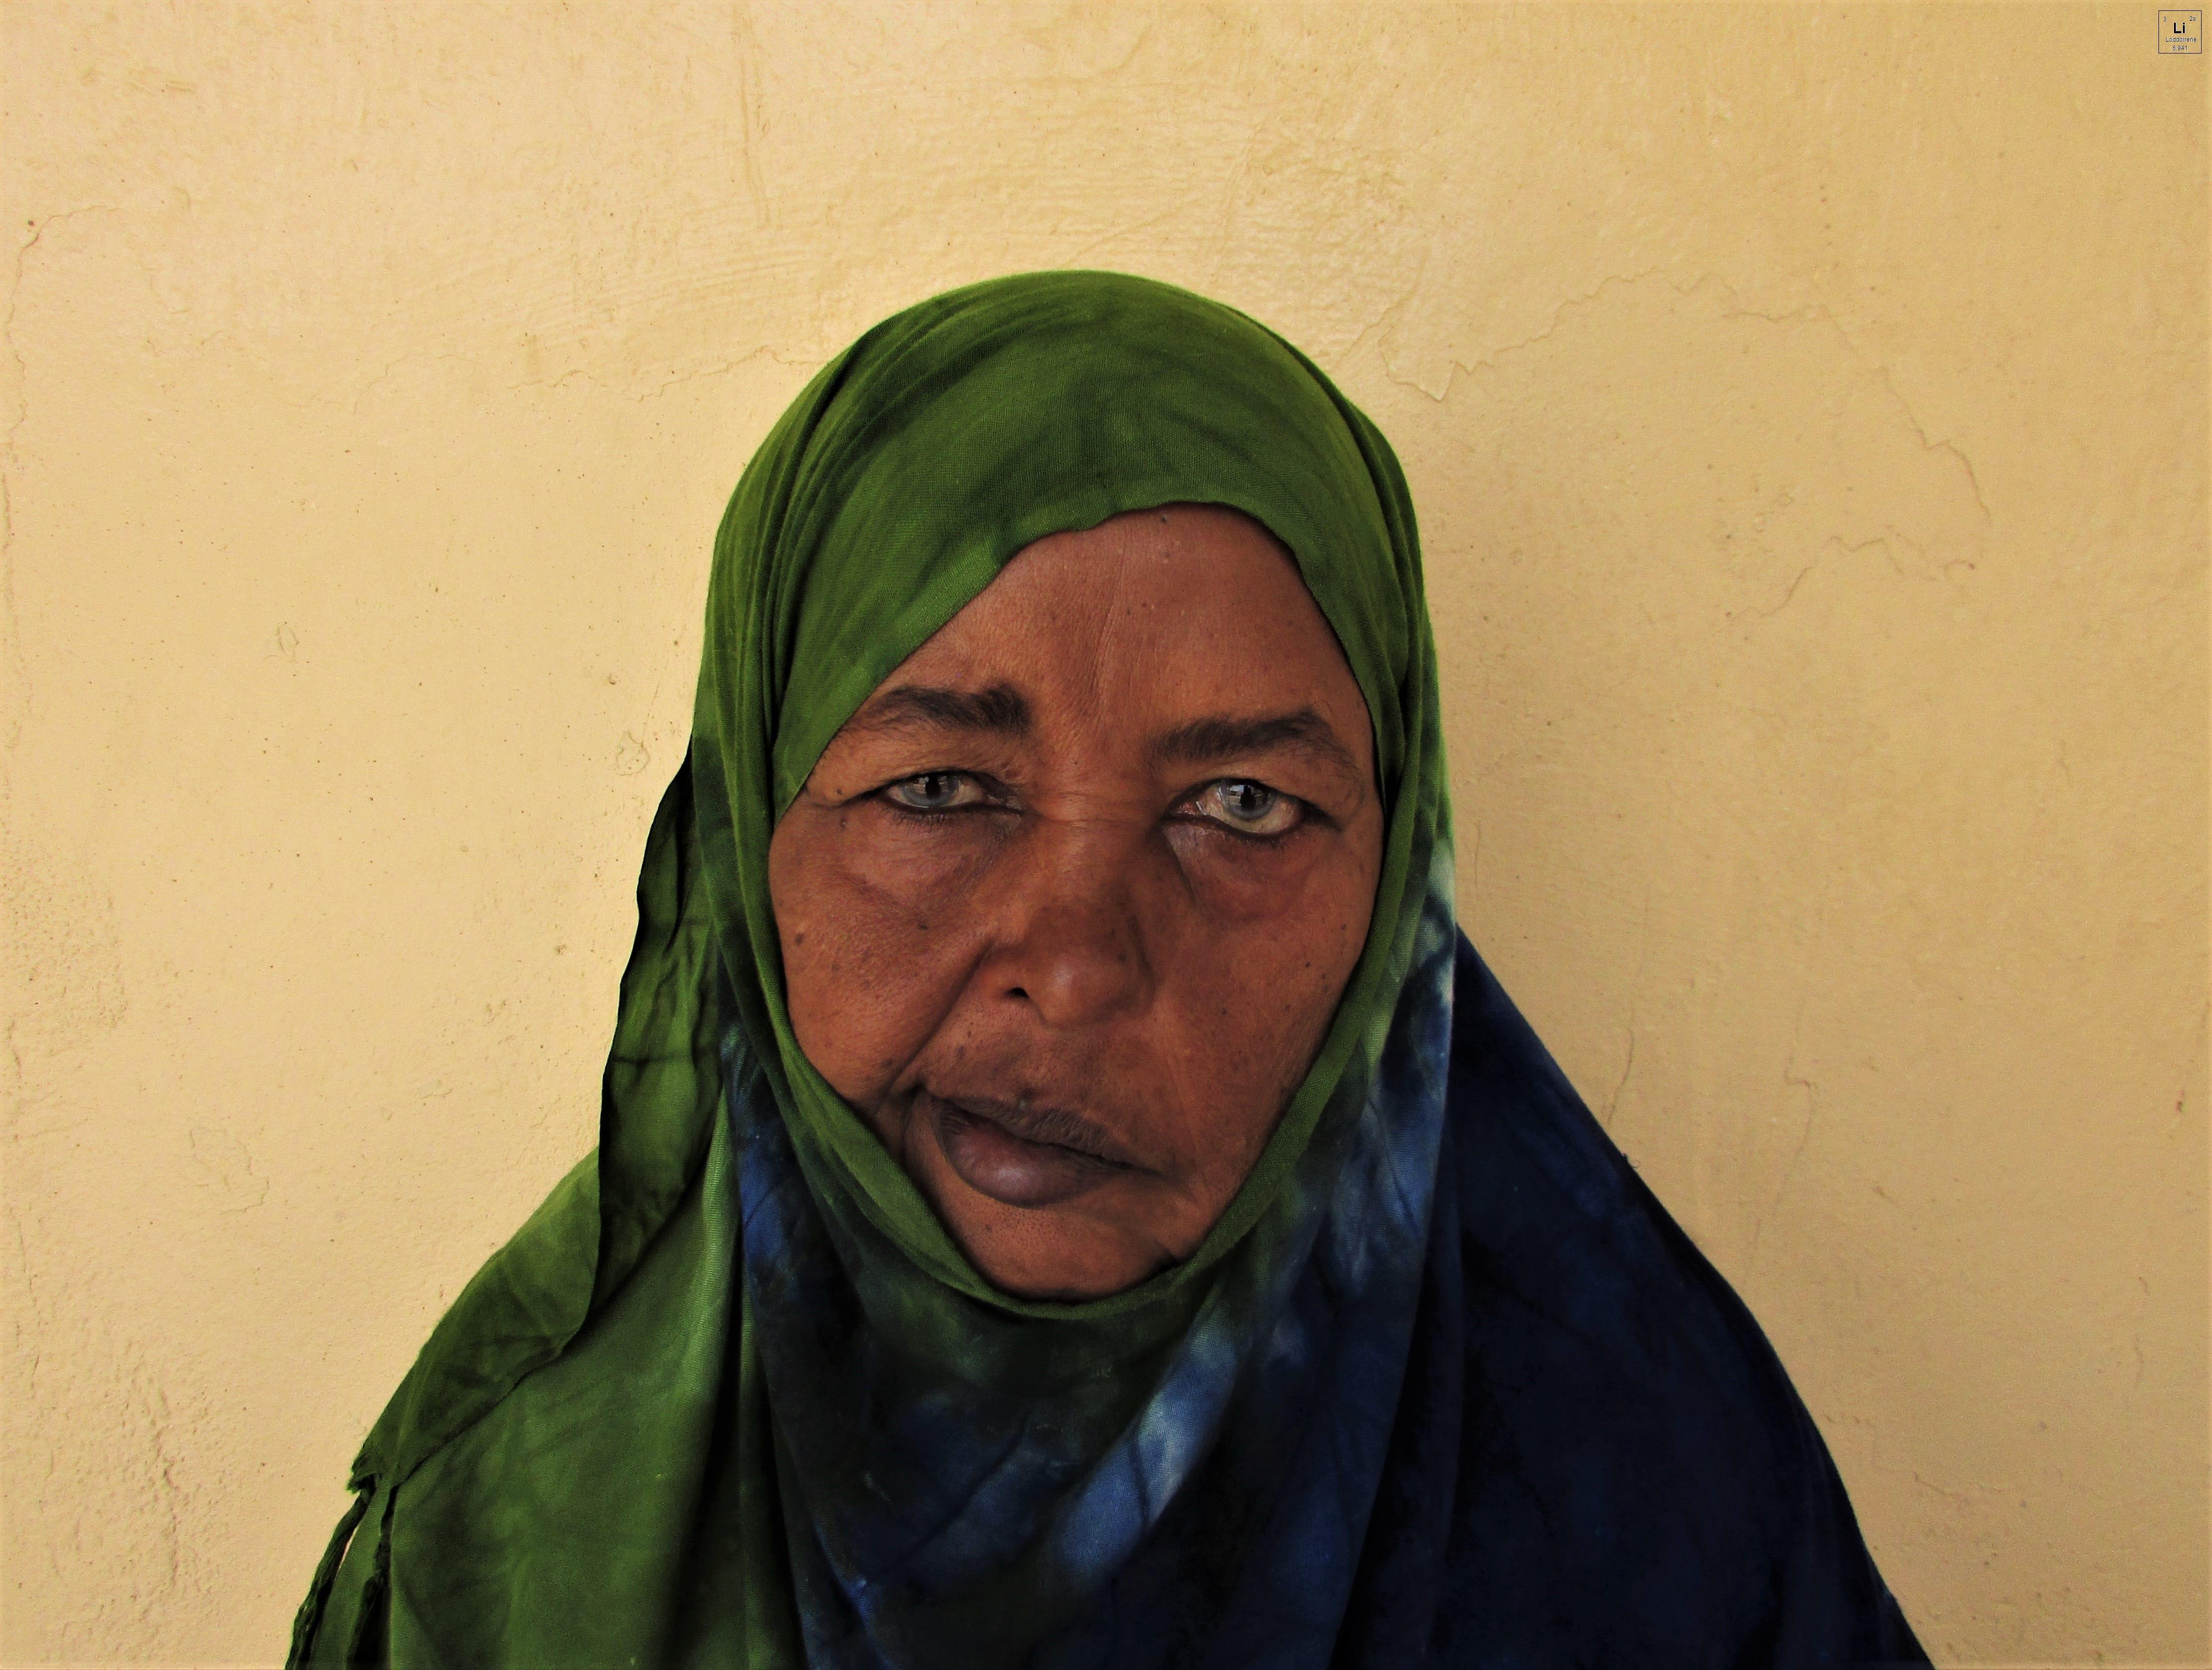 malati psichiatrici in Somaliland